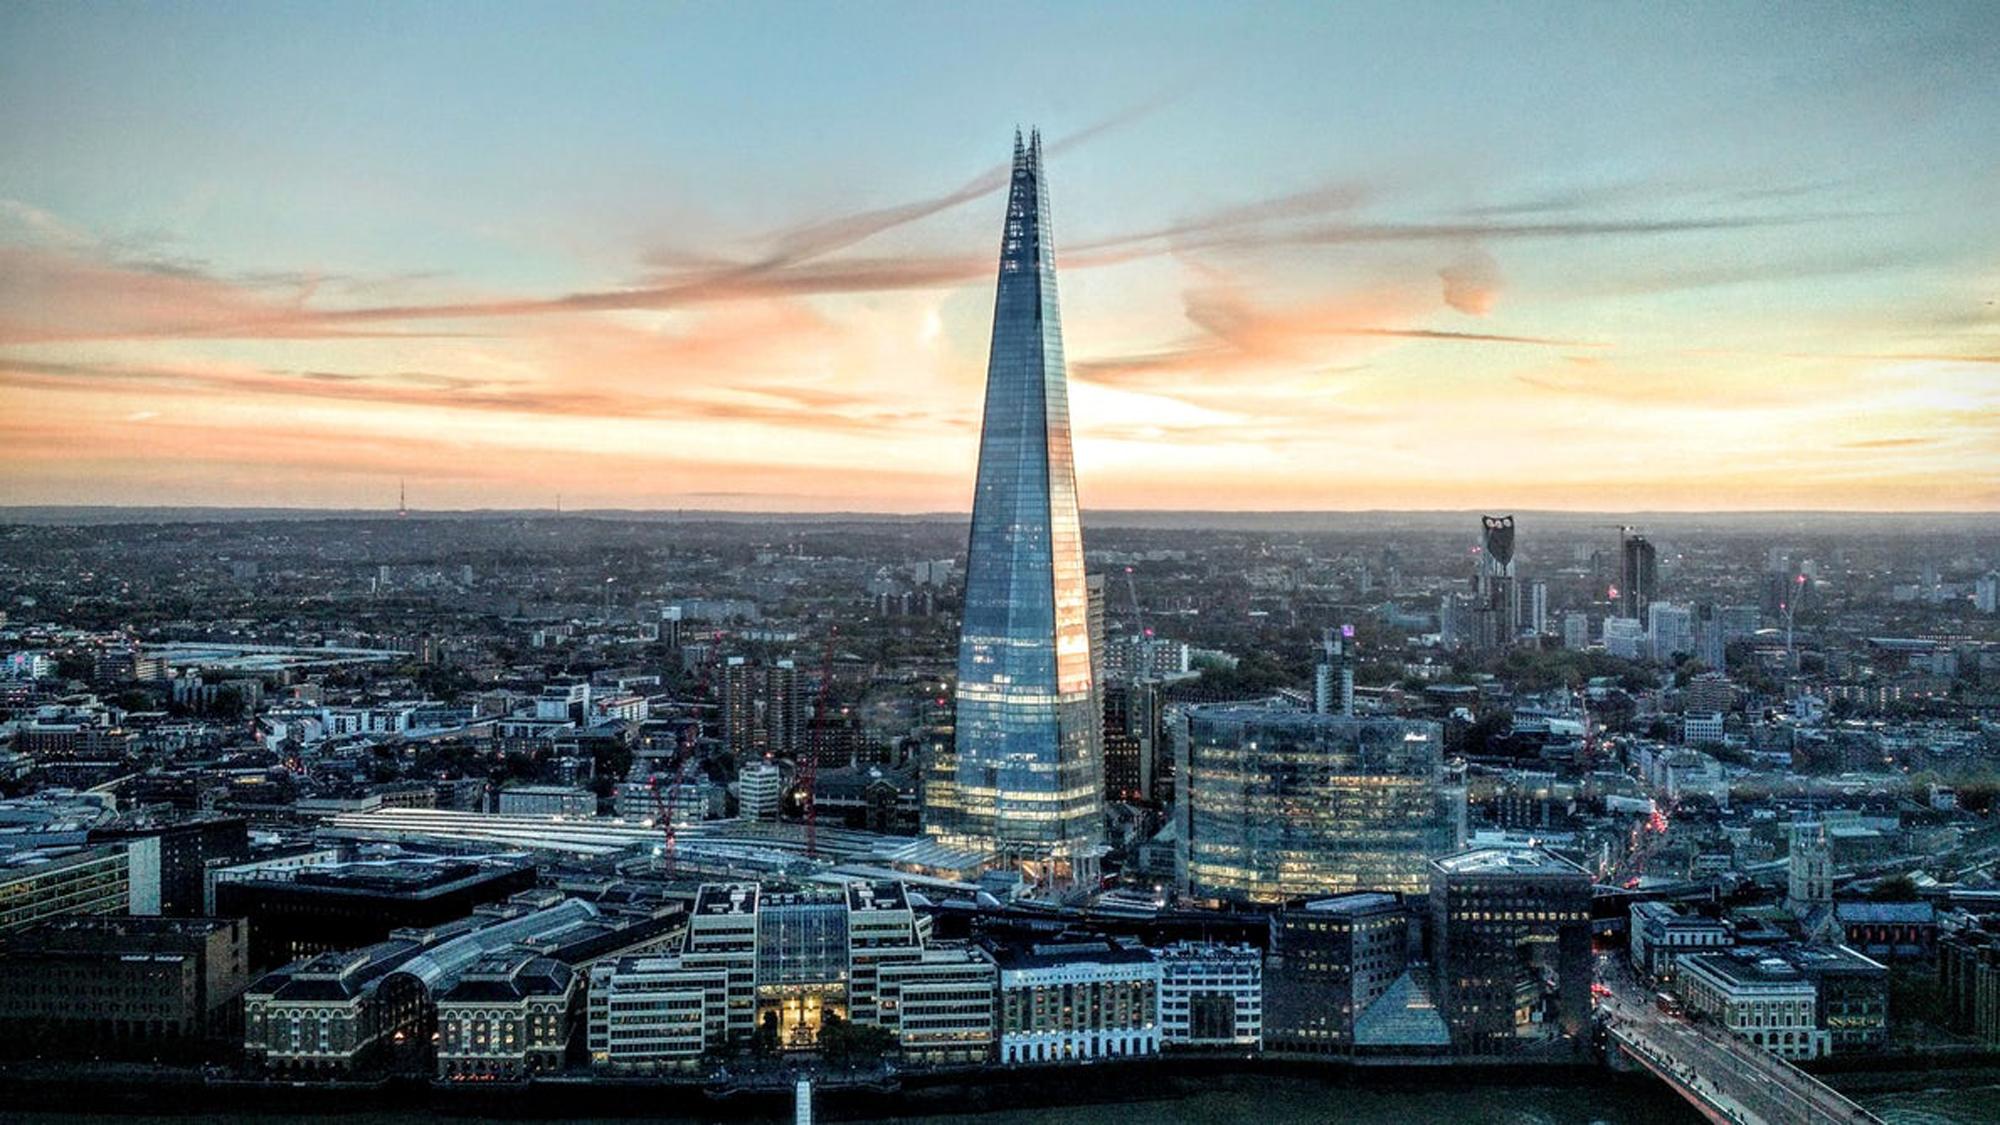 dimanche vitesse de rencontre Londres feux d'artifice datant